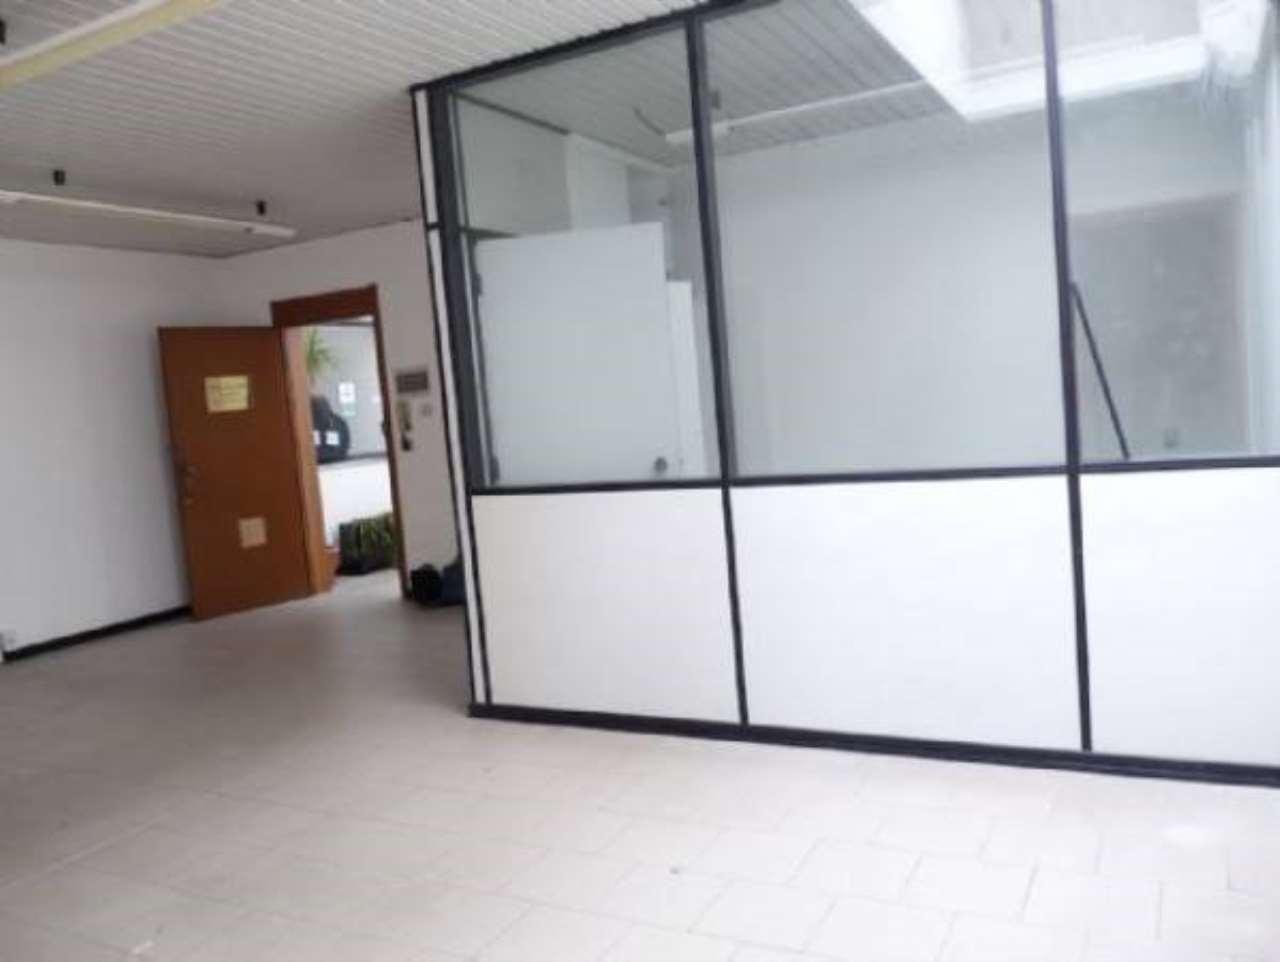 Affittiamo al Centro C. le Palme - Ottimo Ufficio di mq 50 - Rif. 7141653